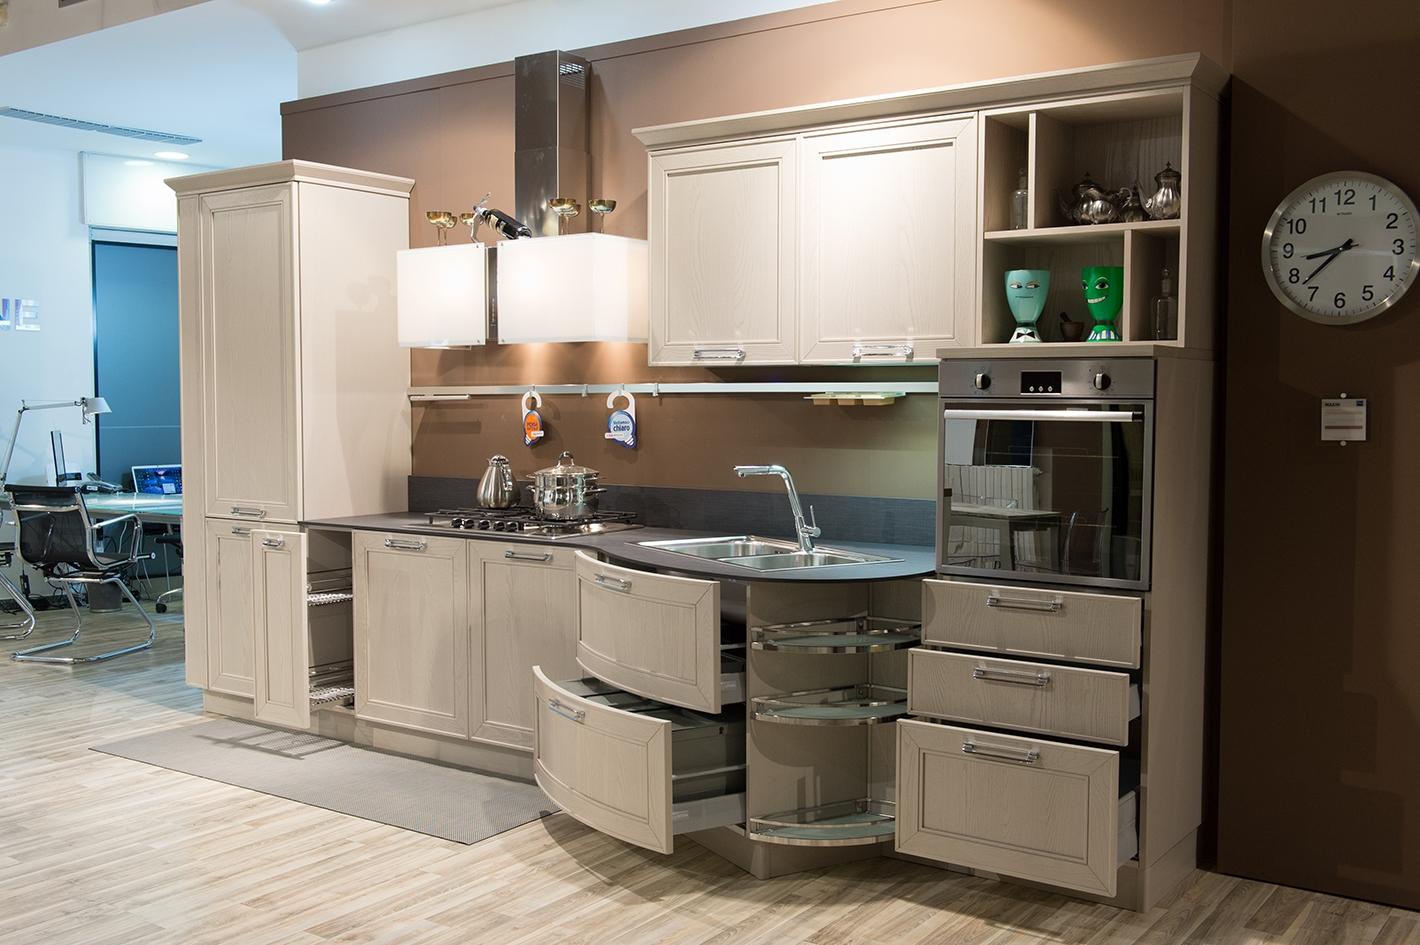 Piastrelle Cucina Stosa : Piastrelle cucina stosales. Piastrelle ...